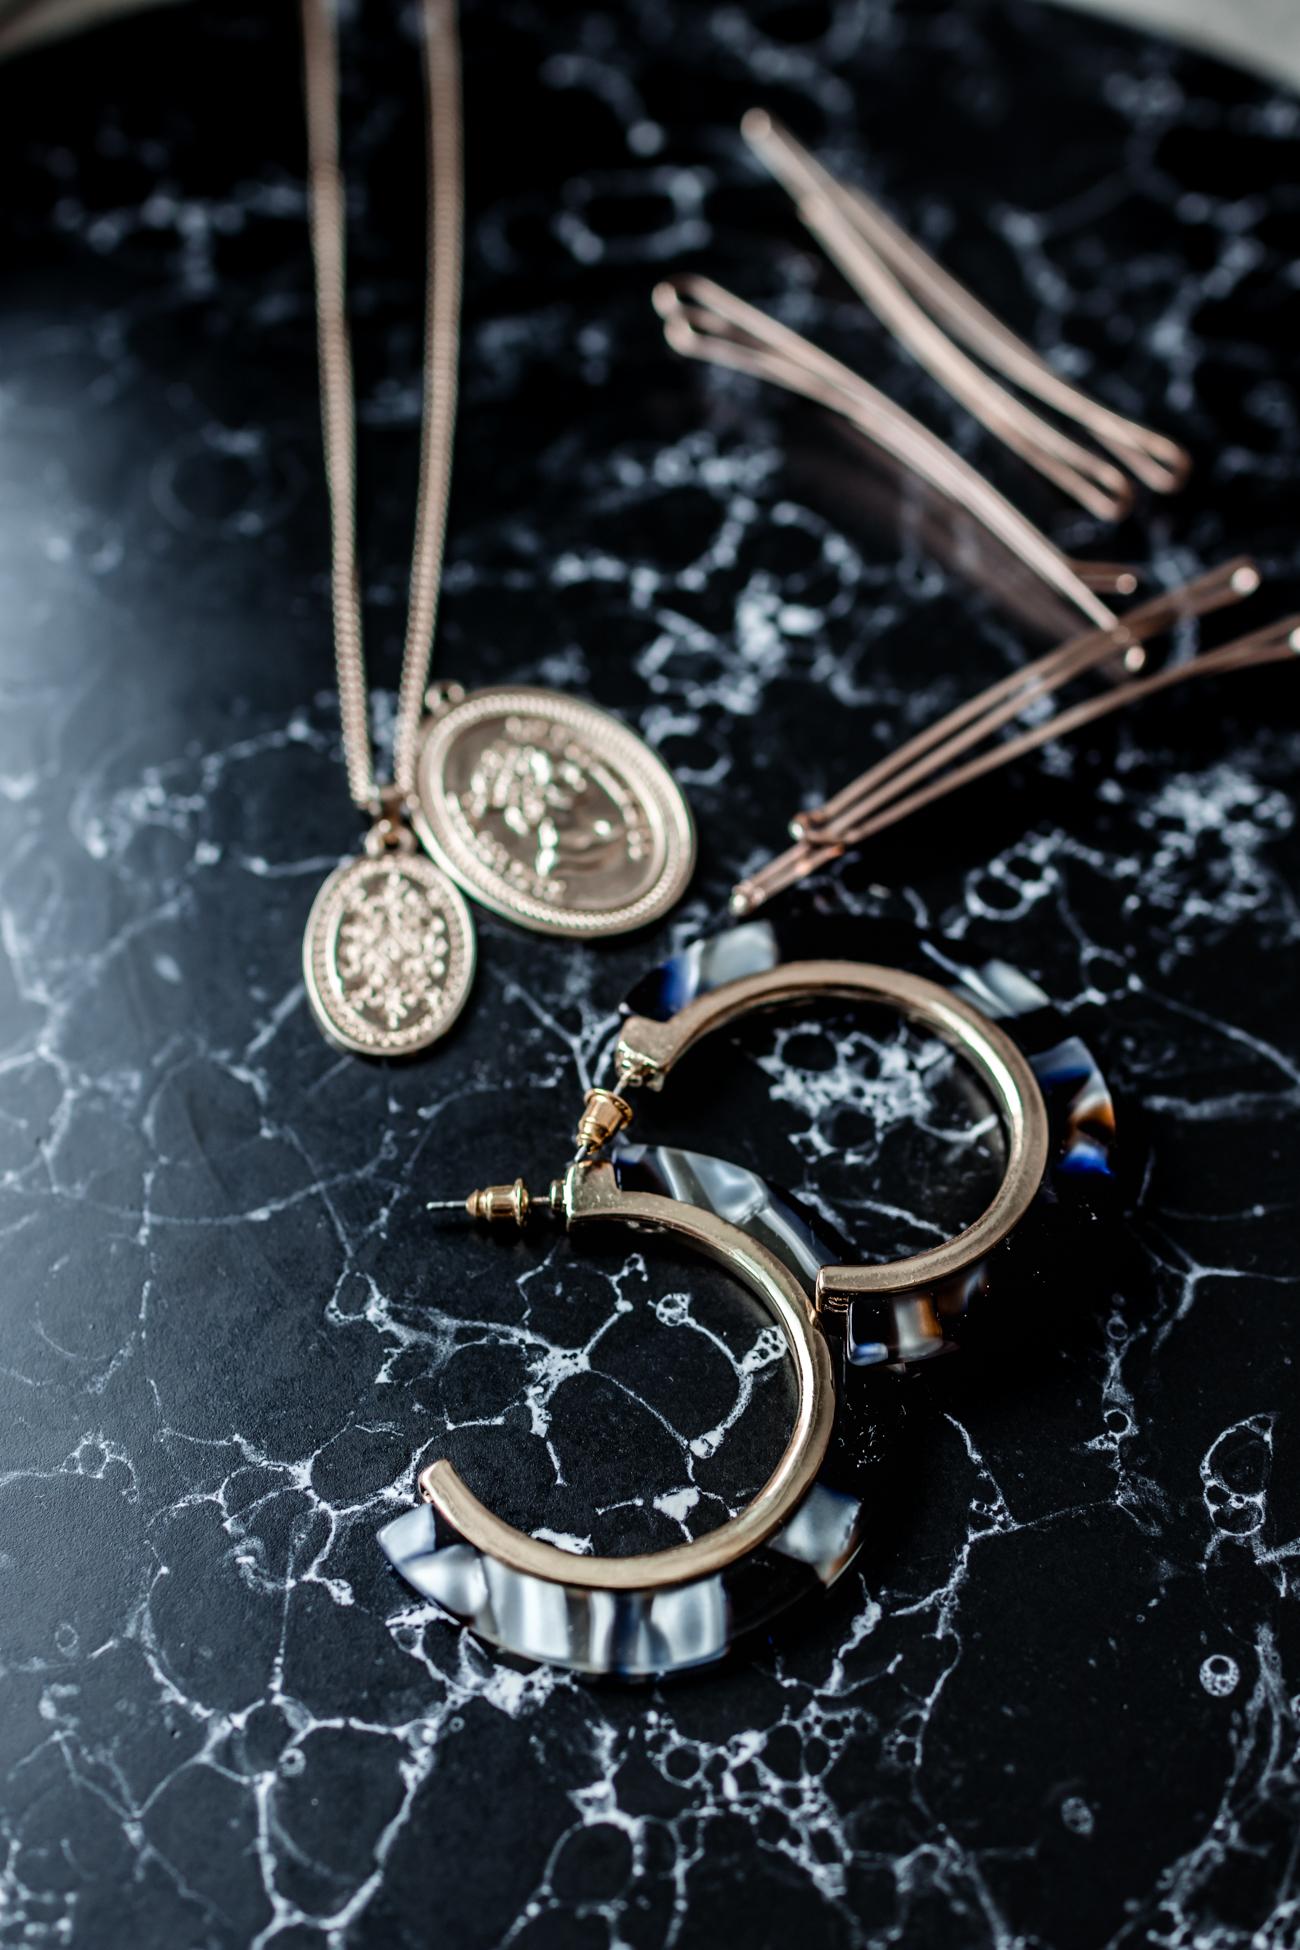 Münzen, Perlen und Muscheln liegen im Trend